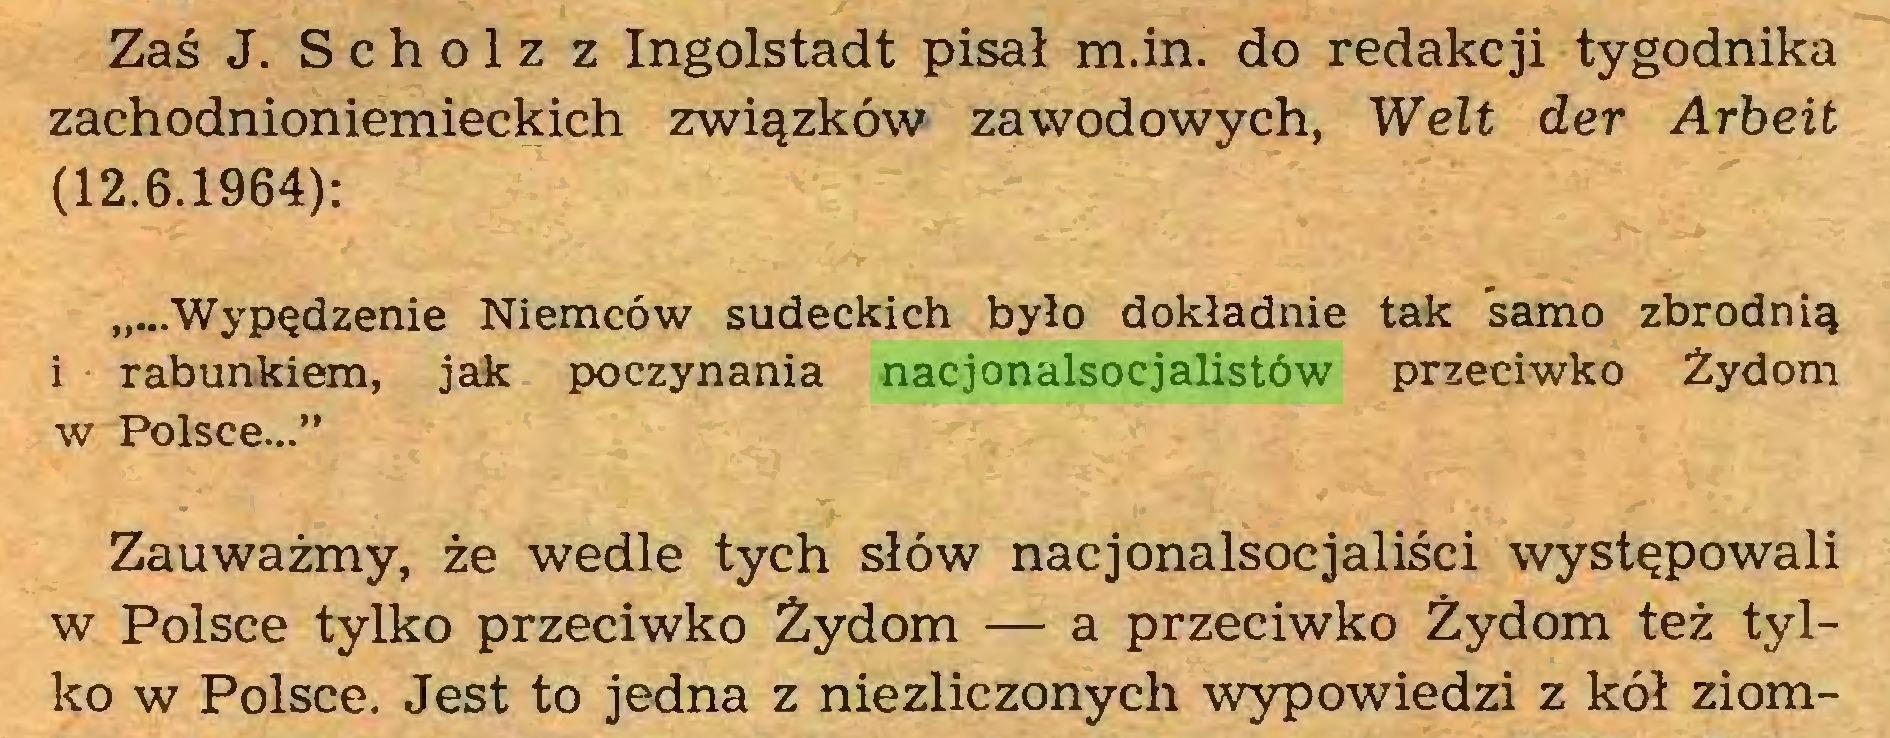 """(...) Zaś J. Scholz z Ingolstadt pisał m.in. do redakcji tygodnika zachodnioniemieckich związków zawodowych, Welt der Arbeit (12.6.1964): Wypędzenie Niemców sudeckich było dokładnie tak samo zbrodnią i rabunkiem, jak poczynania nacjonalsocjalistów przeciwko Żydom w Polsce..."""" Zauważmy, że wedle tych słów nacjonalsocjaliści występowali w Polsce tylko przeciwko Żydom — a przeciwko Żydom też tylko w Polsce. Jest to jedna z niezliczonych wypowiedzi z kół ziom..."""